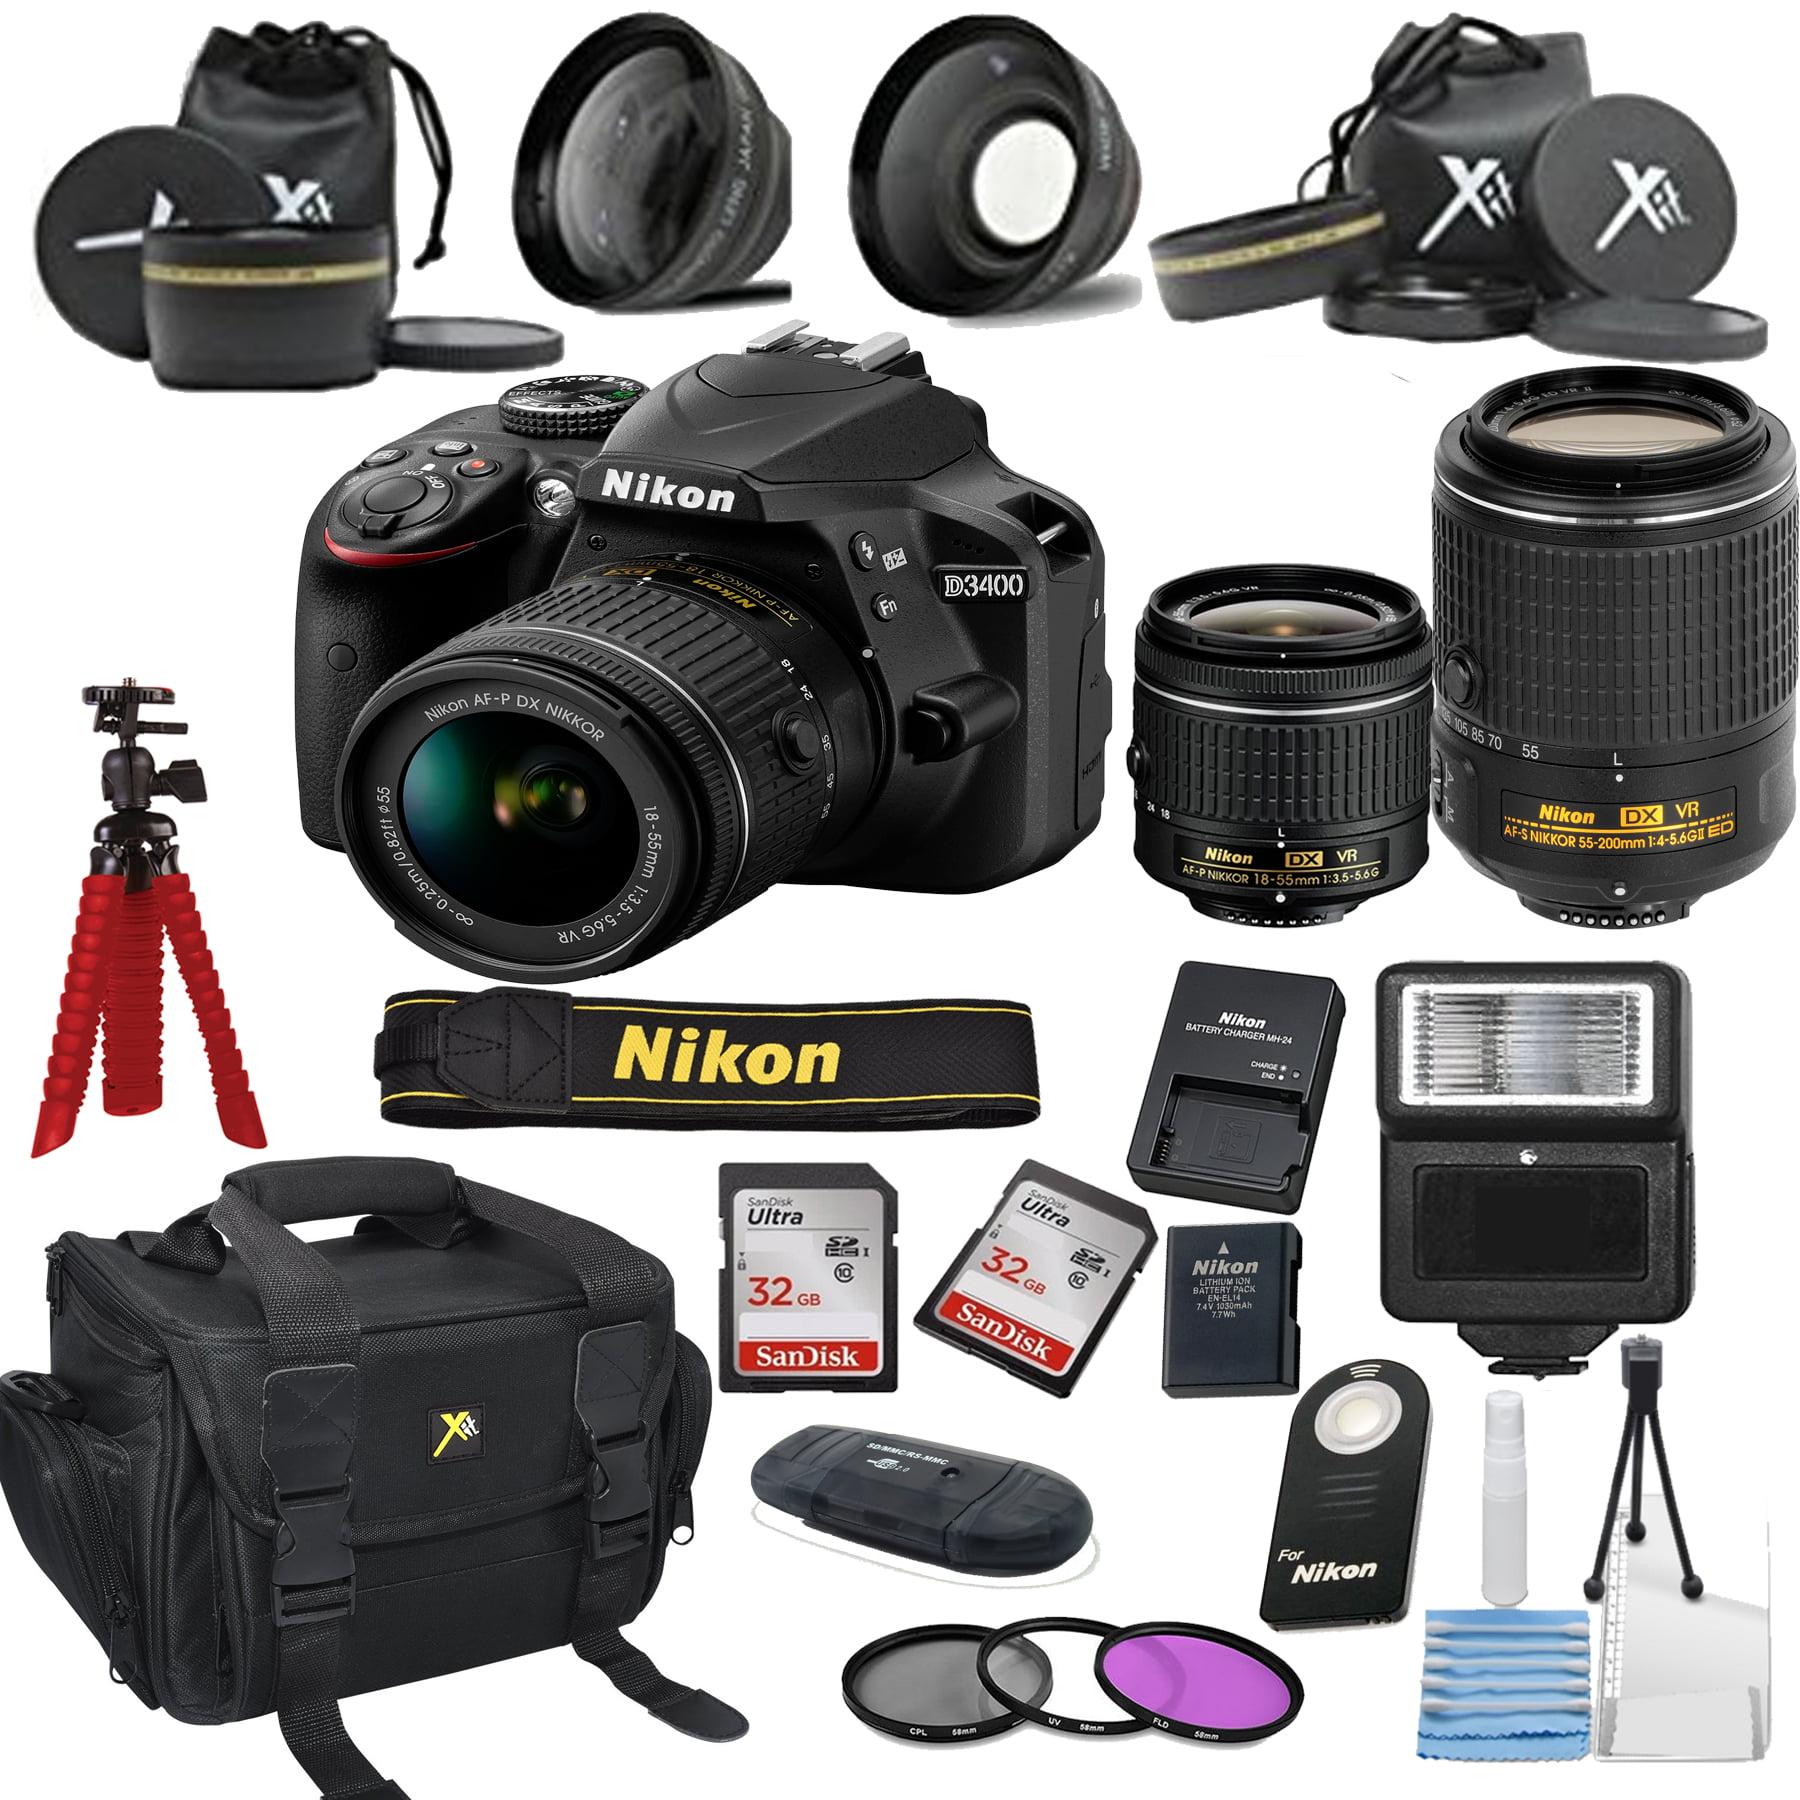 Nikon D3400 24.2 MP DSLR Camera + 18-55mm VR Lens Kit + 55-200mm VR Zoom Lens +  Accessory Bundle (Certified Refurbished)